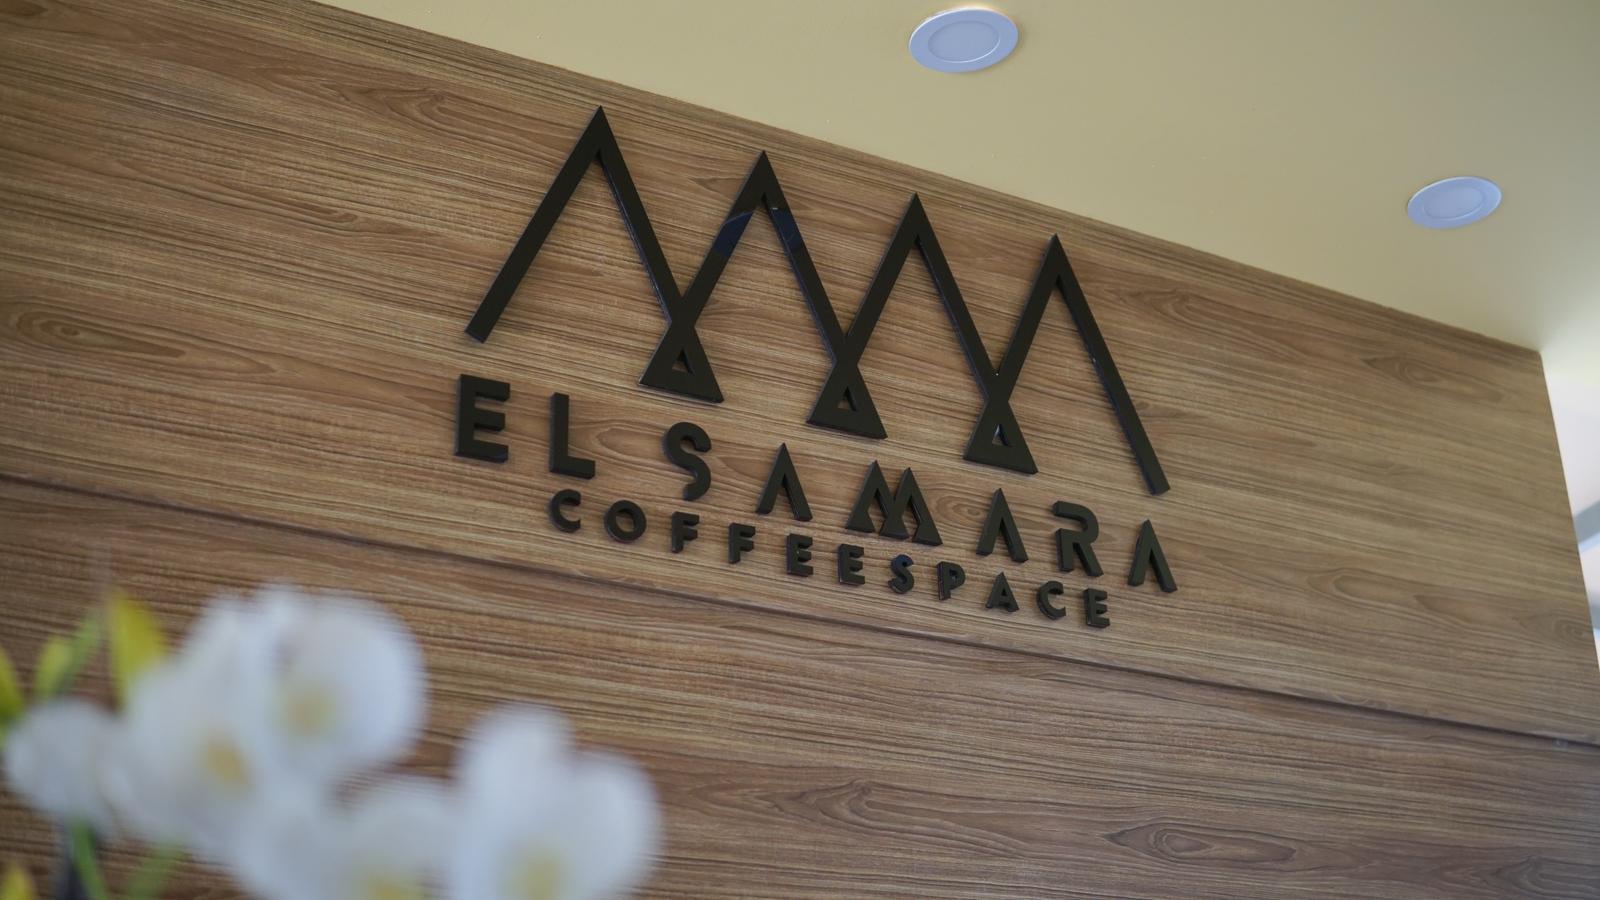 El Samara